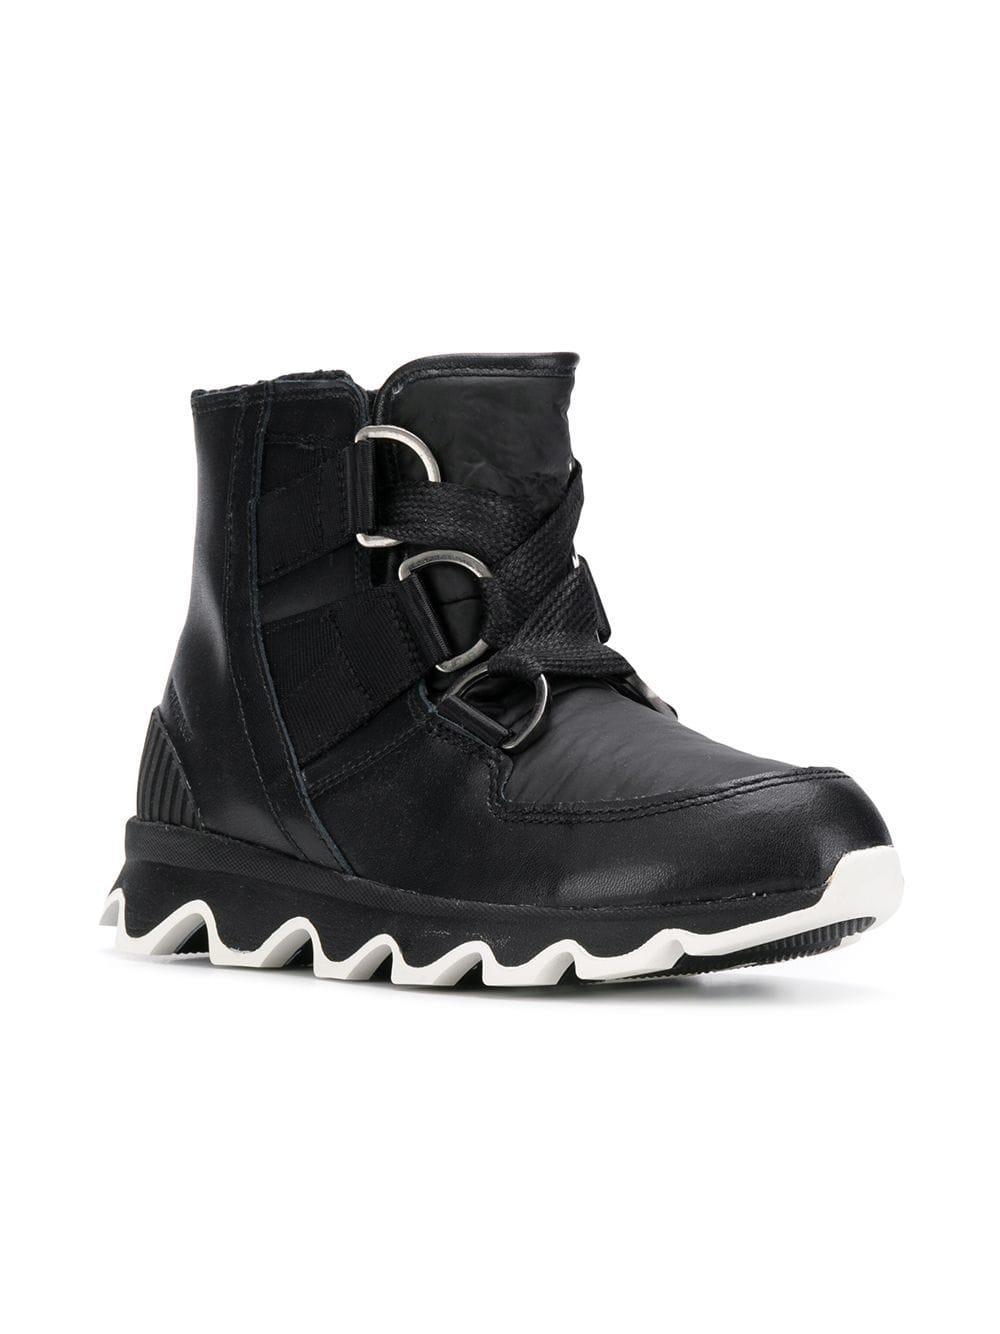 703da59f42bd Sorel Lace-up Platform Boots in Black - Lyst